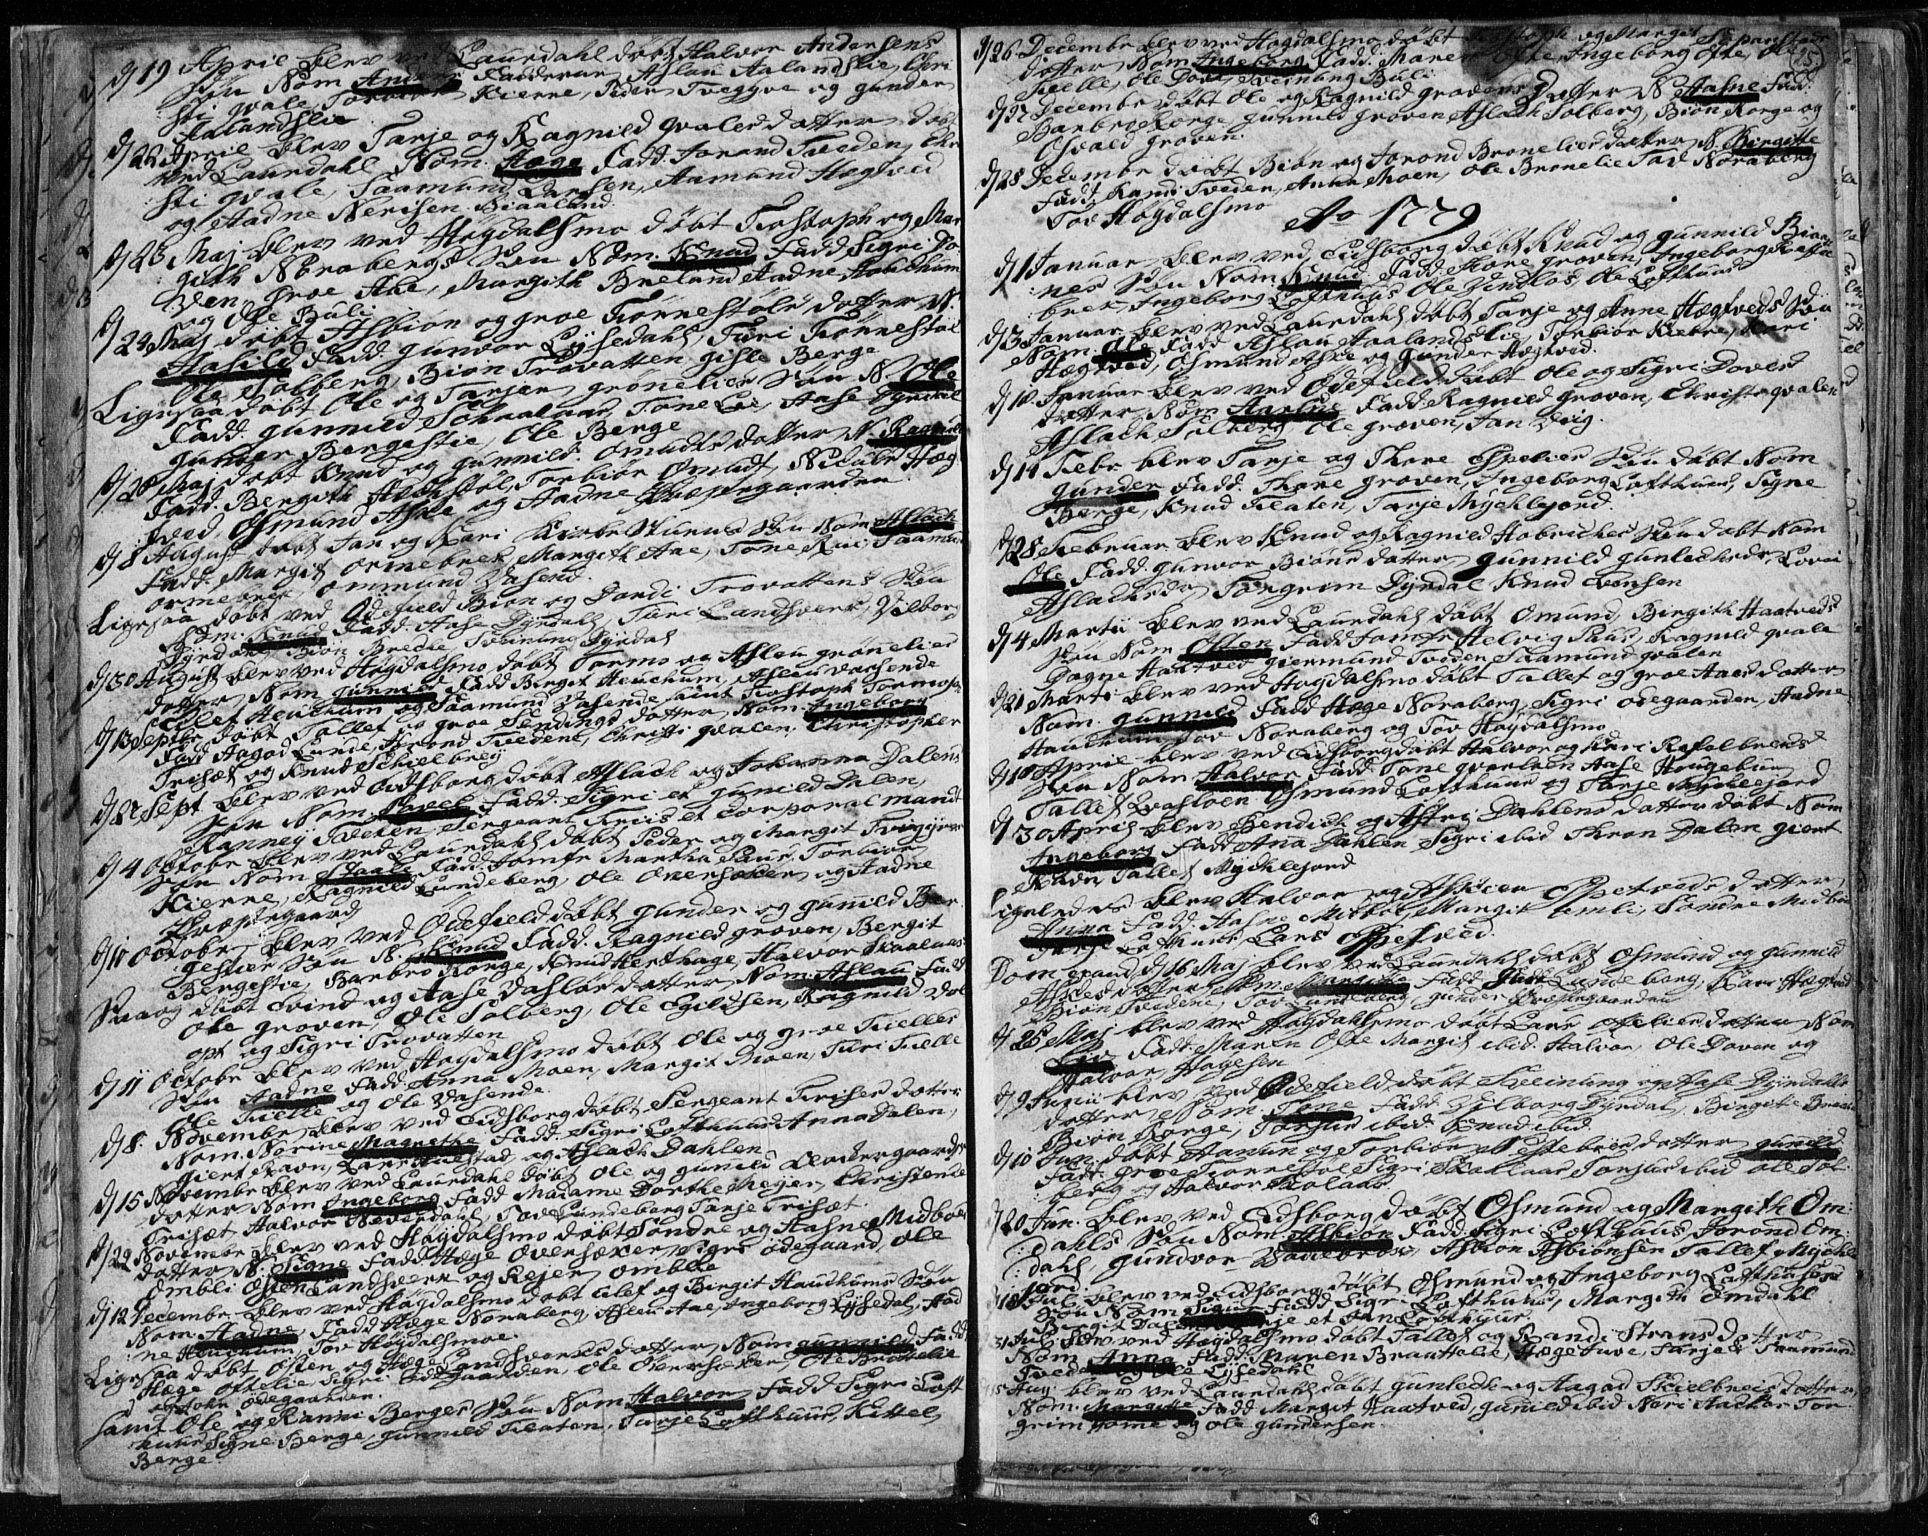 SAKO, Lårdal kirkebøker, F/Fa/L0003: Ministerialbok nr. I 3, 1754-1790, s. 25